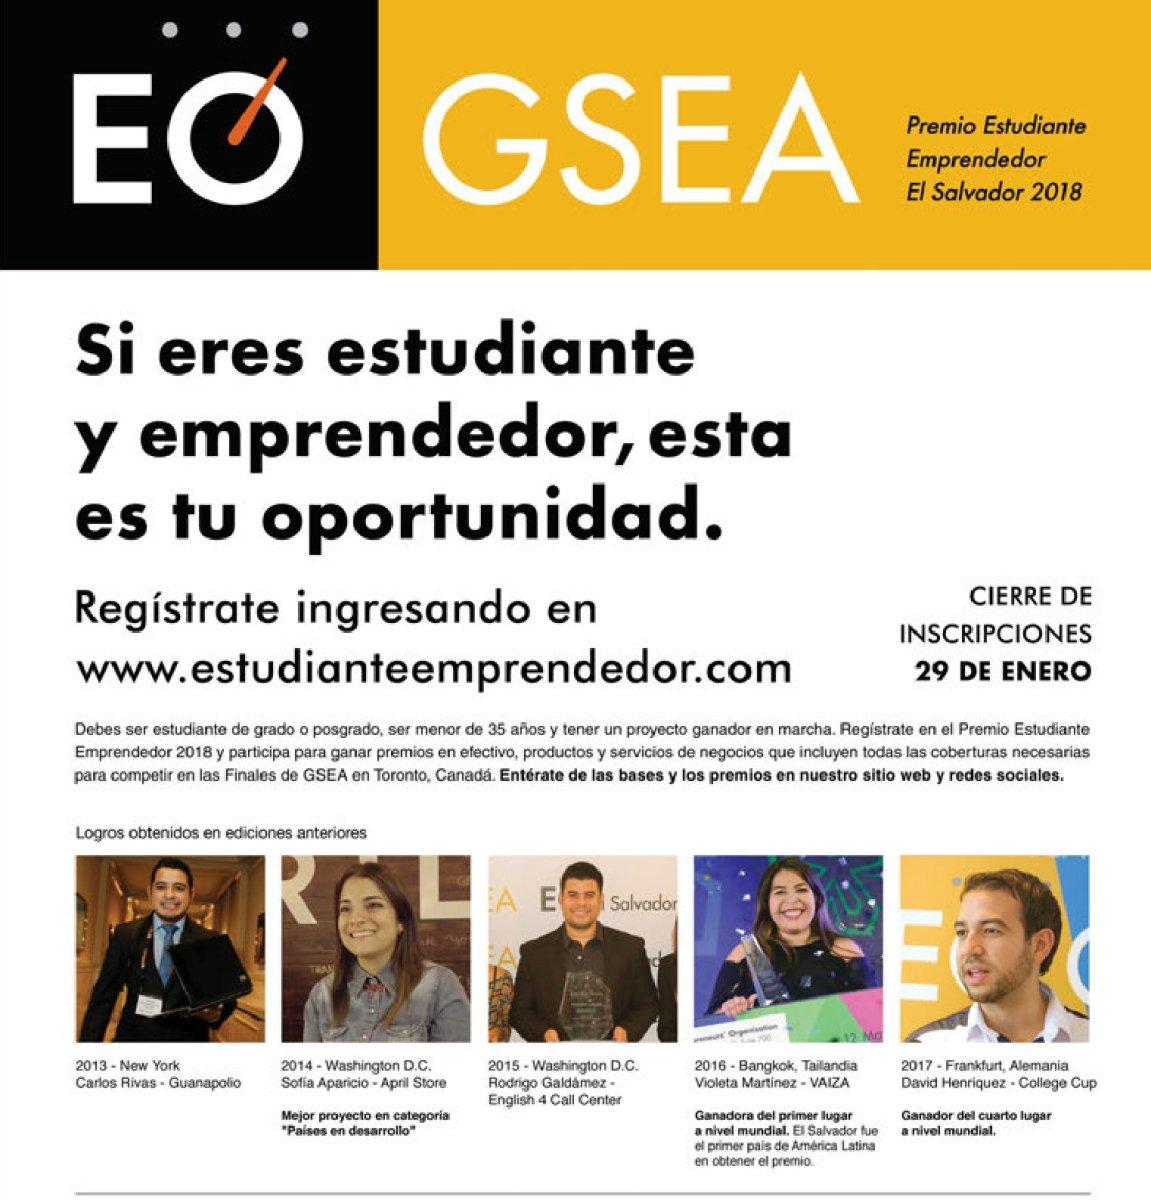 Como participar en el Premio Estudiante Emprendedor El Salvador 2018